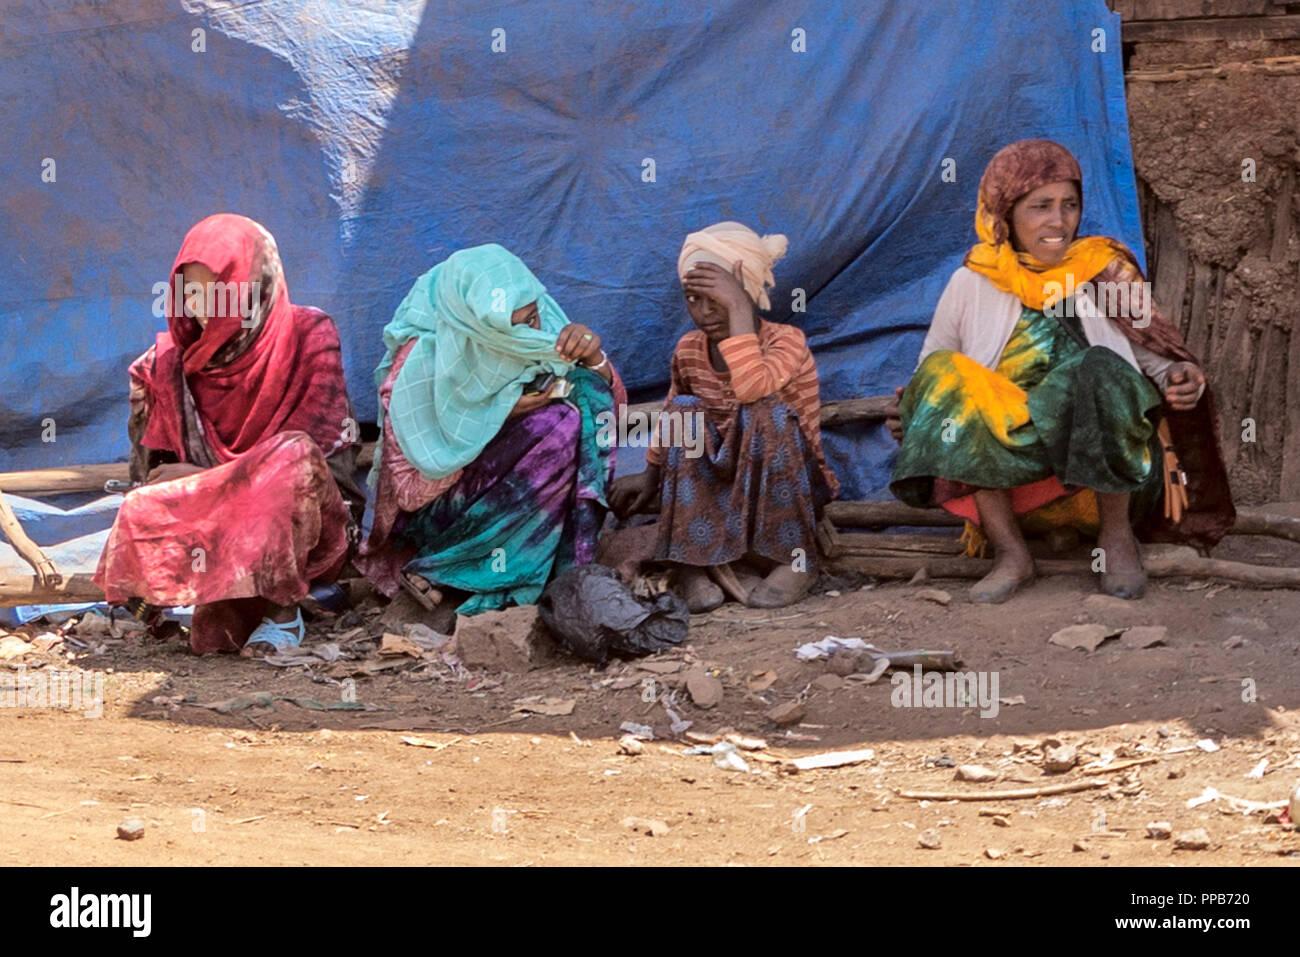 Marché Mena Dolo, région d'Oromia, en Éthiopie. Diverses réponses à une caméra Photo Stock